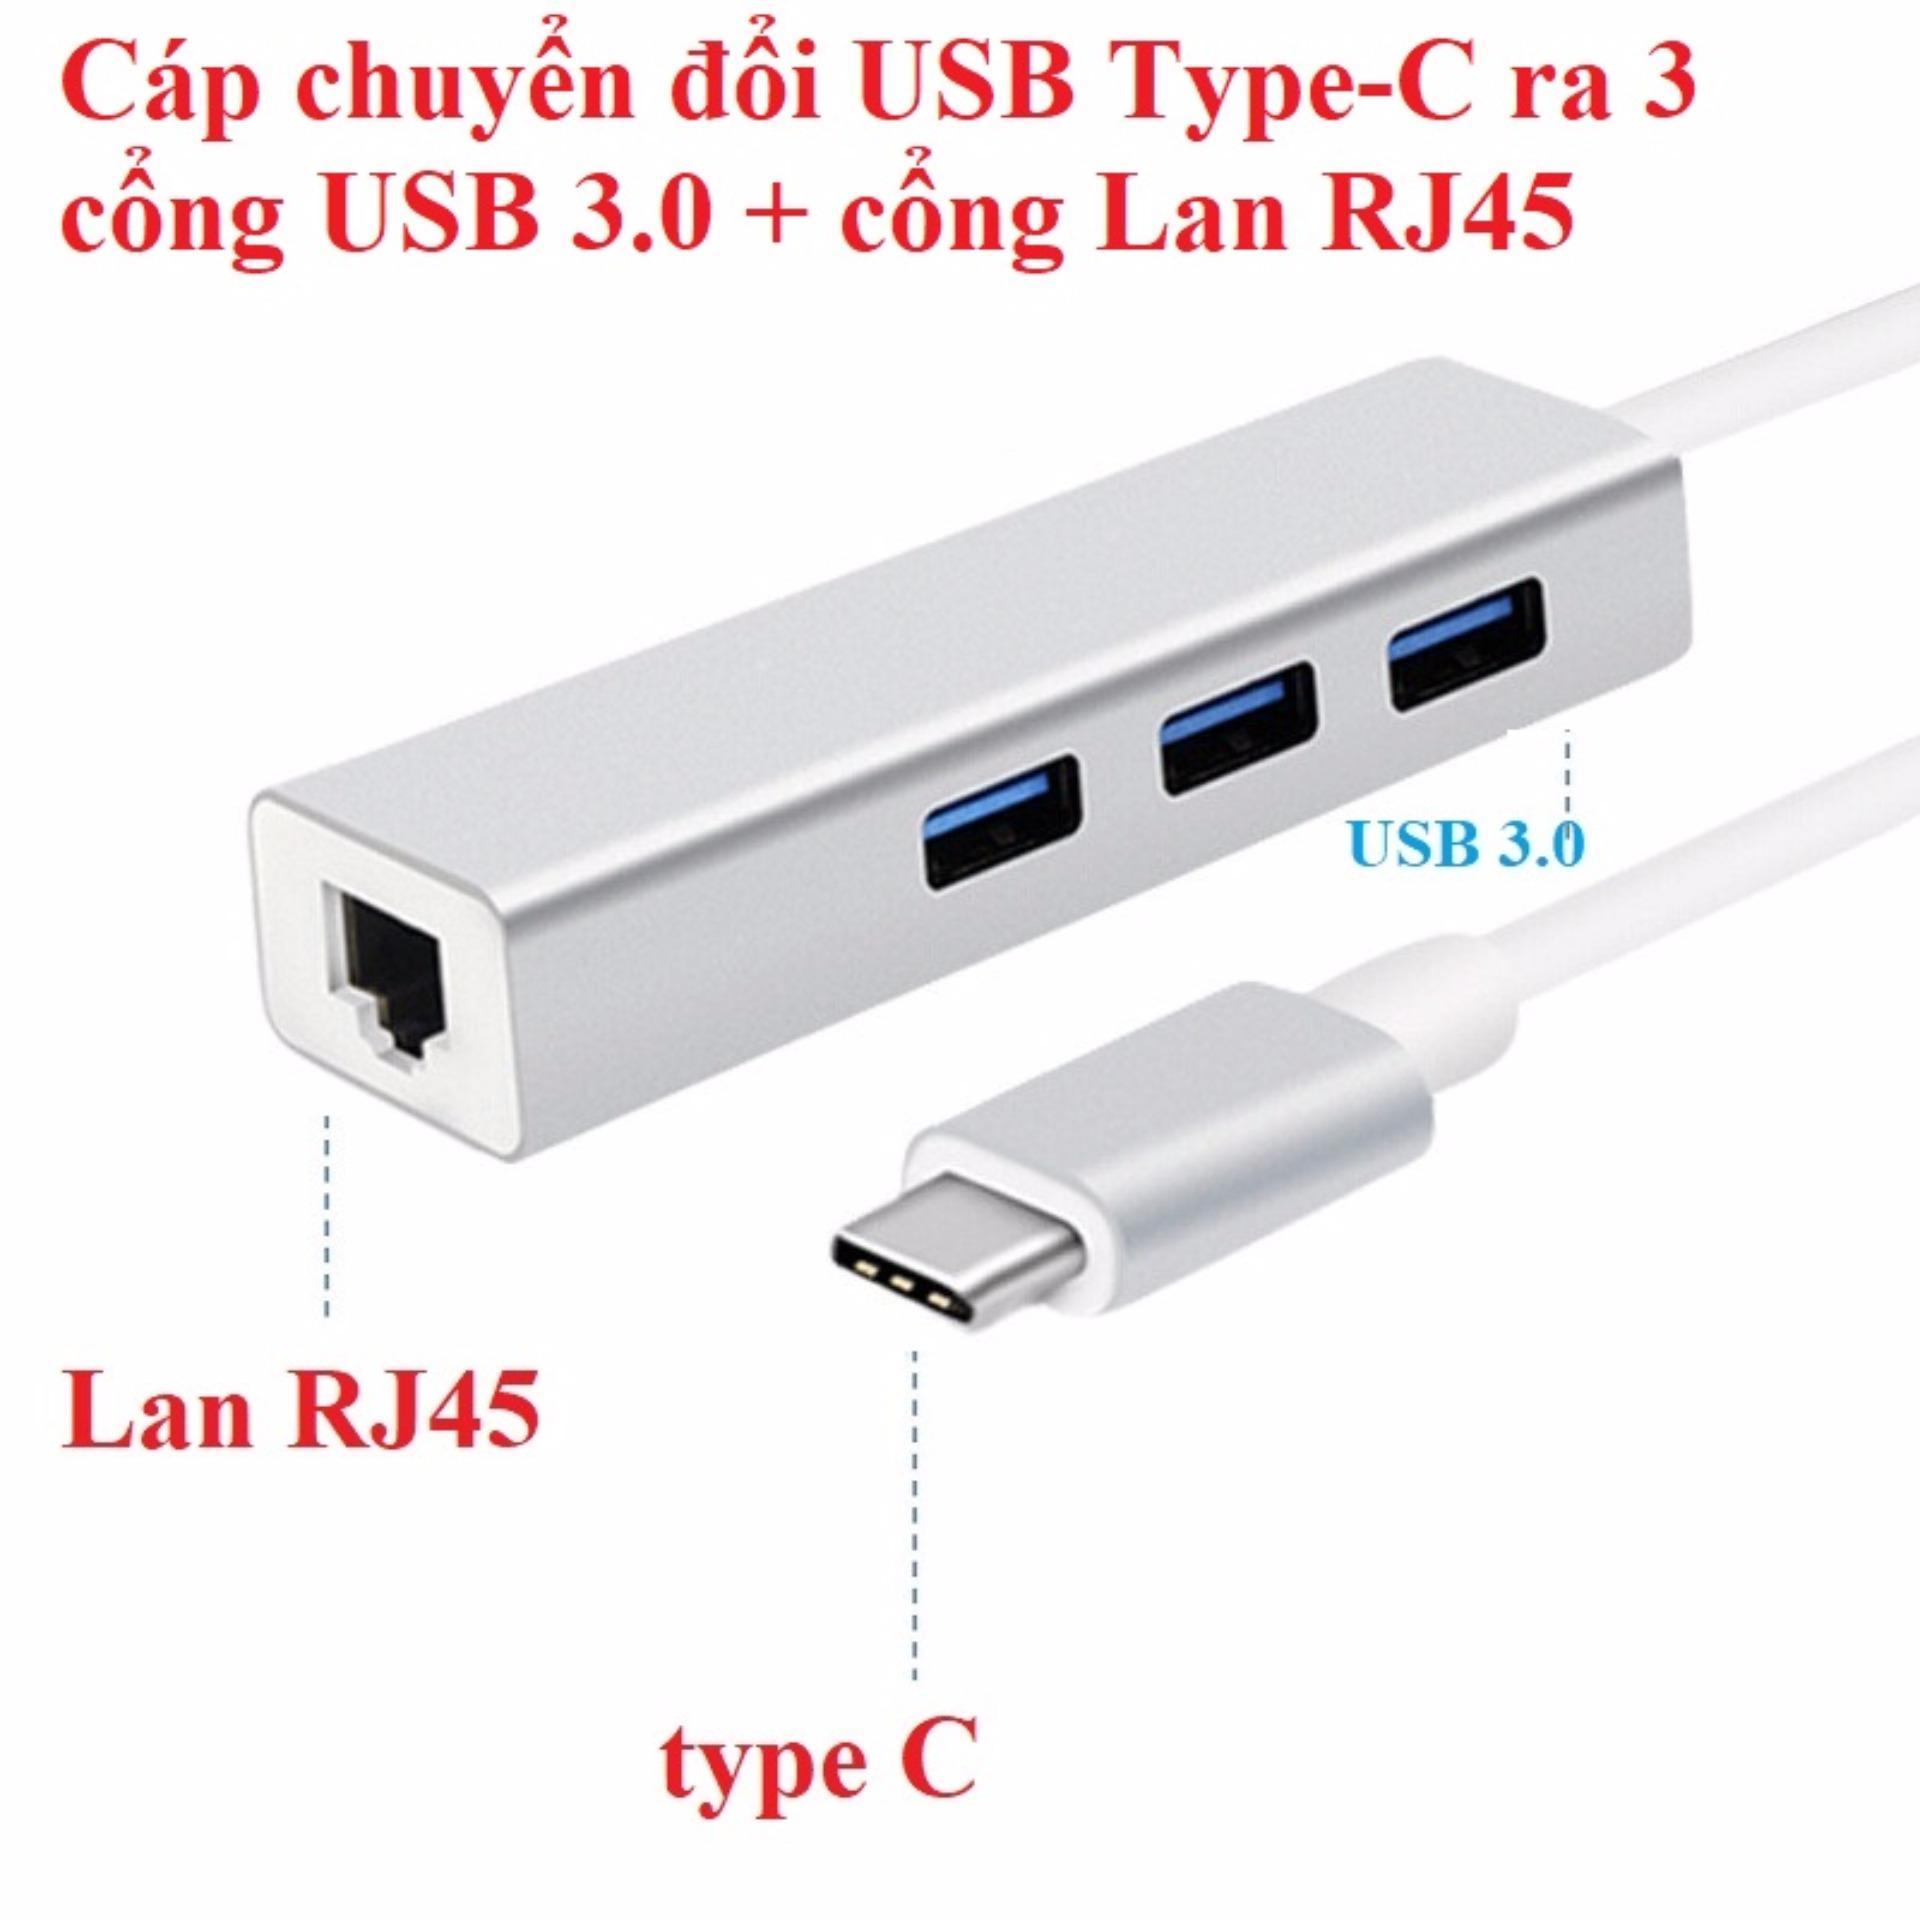 Cáp chuyển đổi USB Type-C ra 3 cổng USB 3.0 + cổng Lan RJ45 vỏ hợp kim nhôm